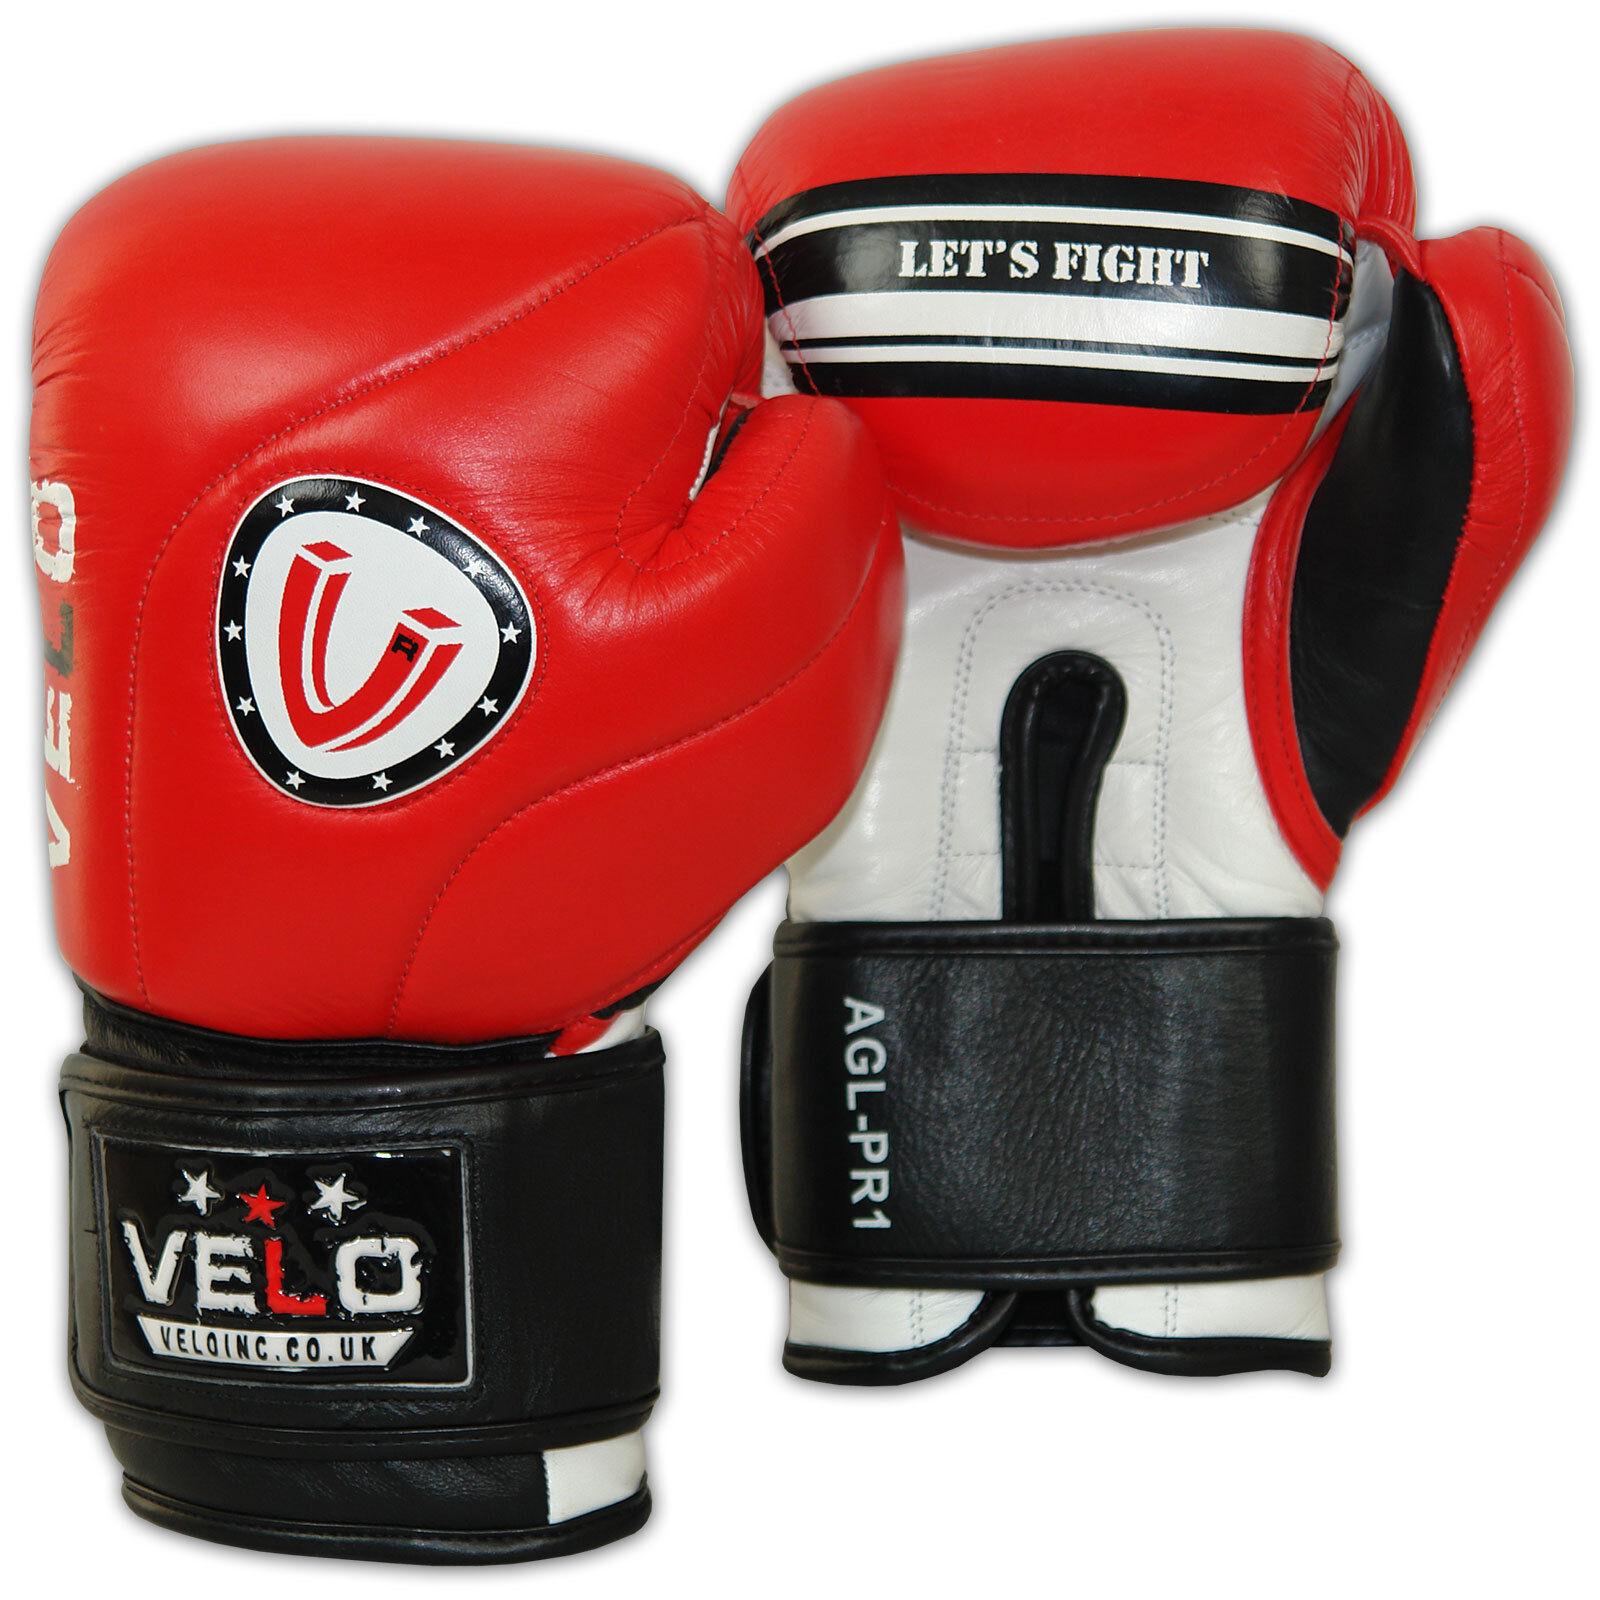 Velo Guantes de Boxeo Leather Sparring Saco de Boxeo Muay Thai Kick Boxing